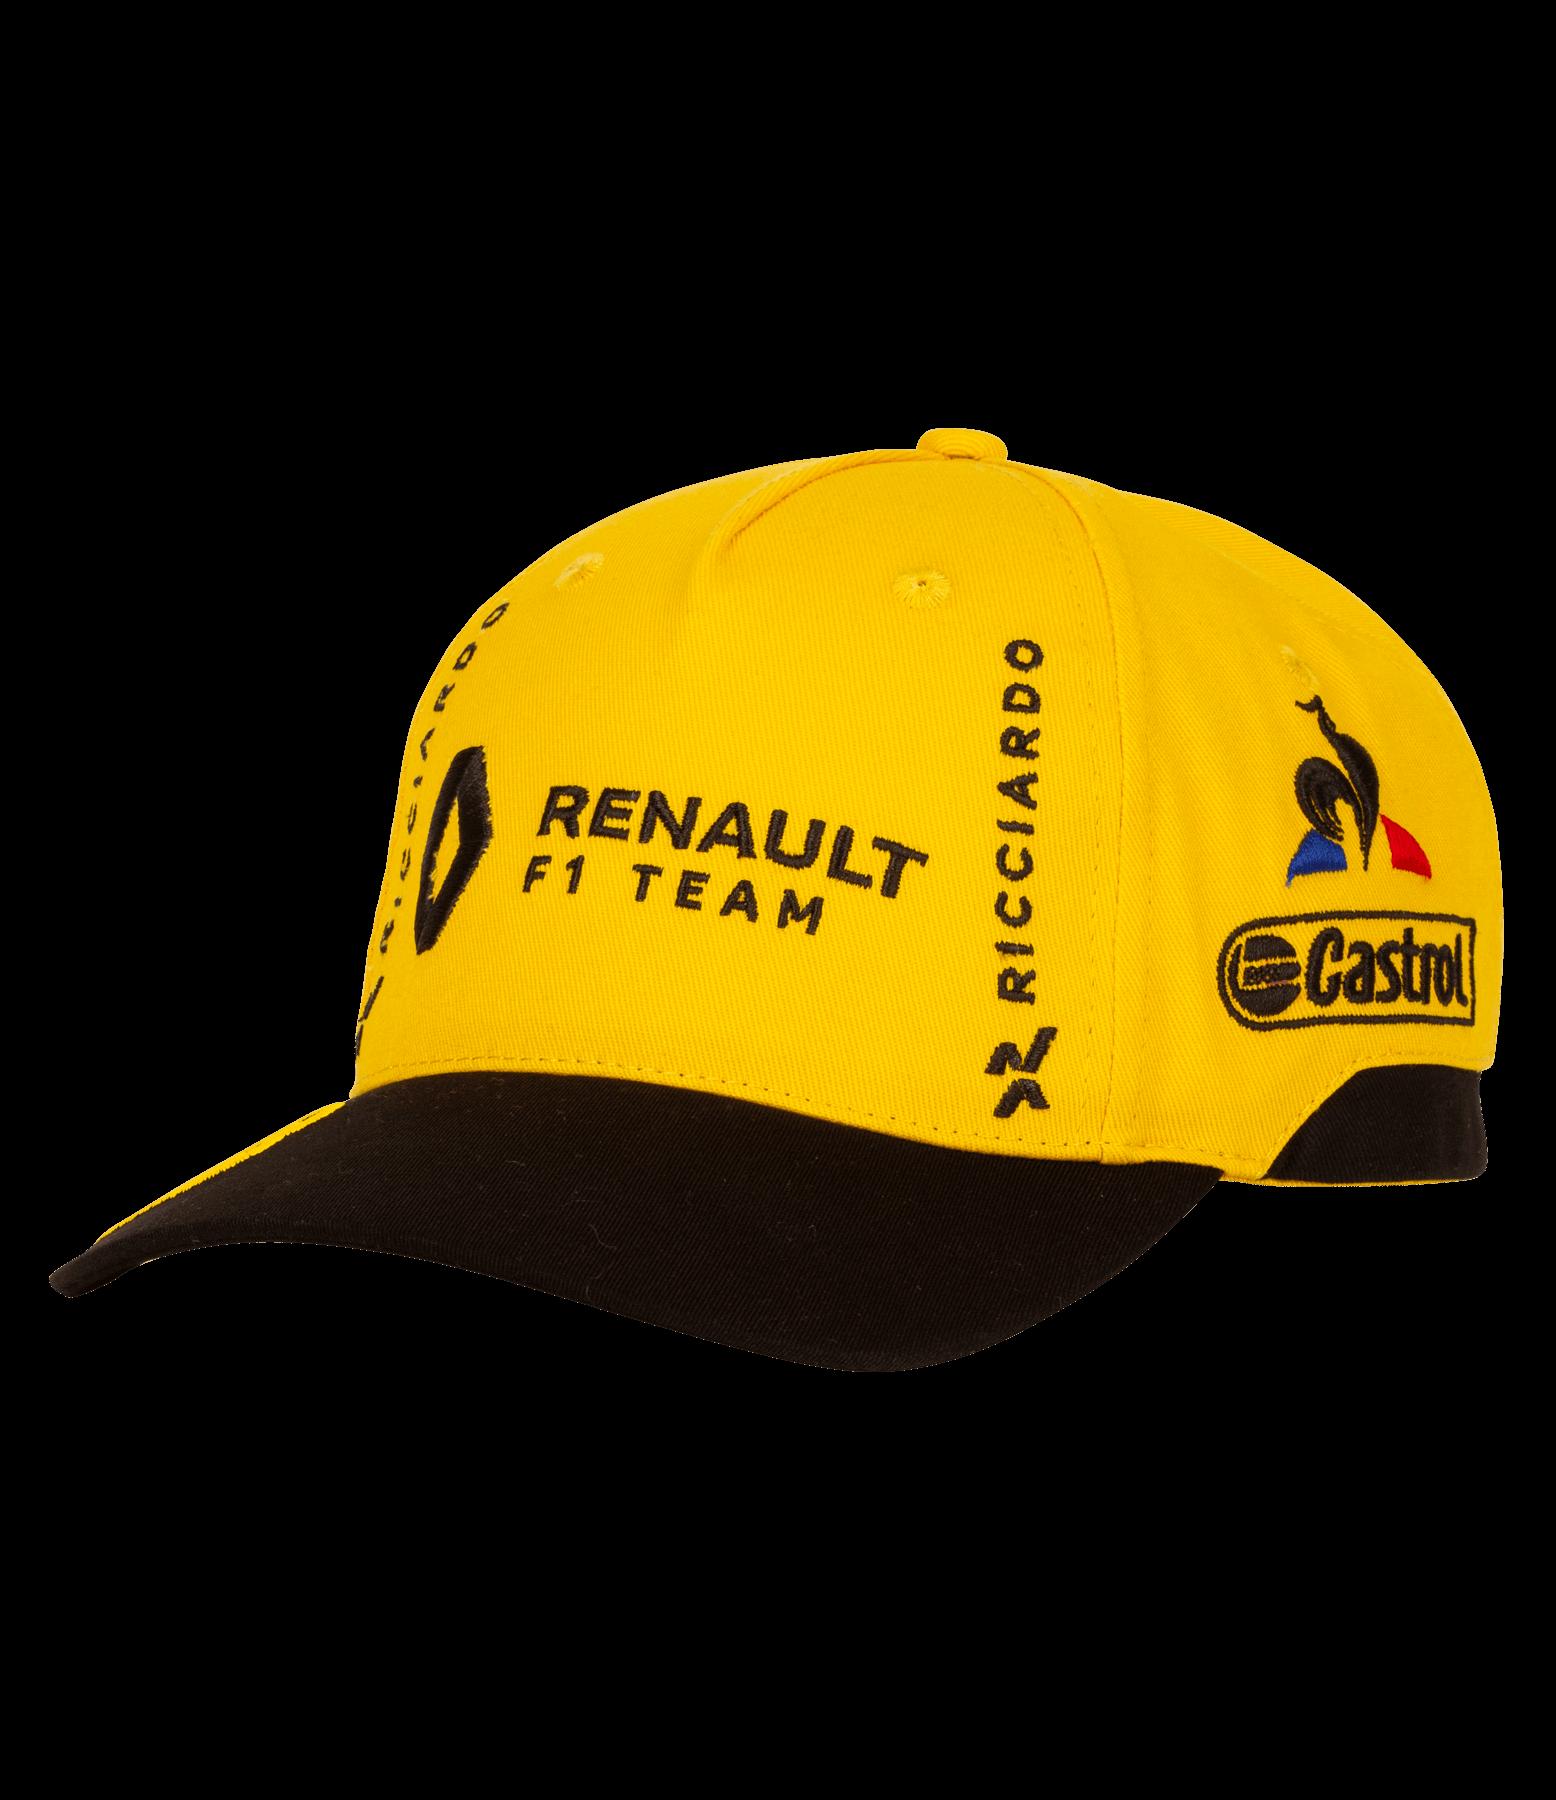 RENAULT F1® TEAM 2019 cap - Ricciardo